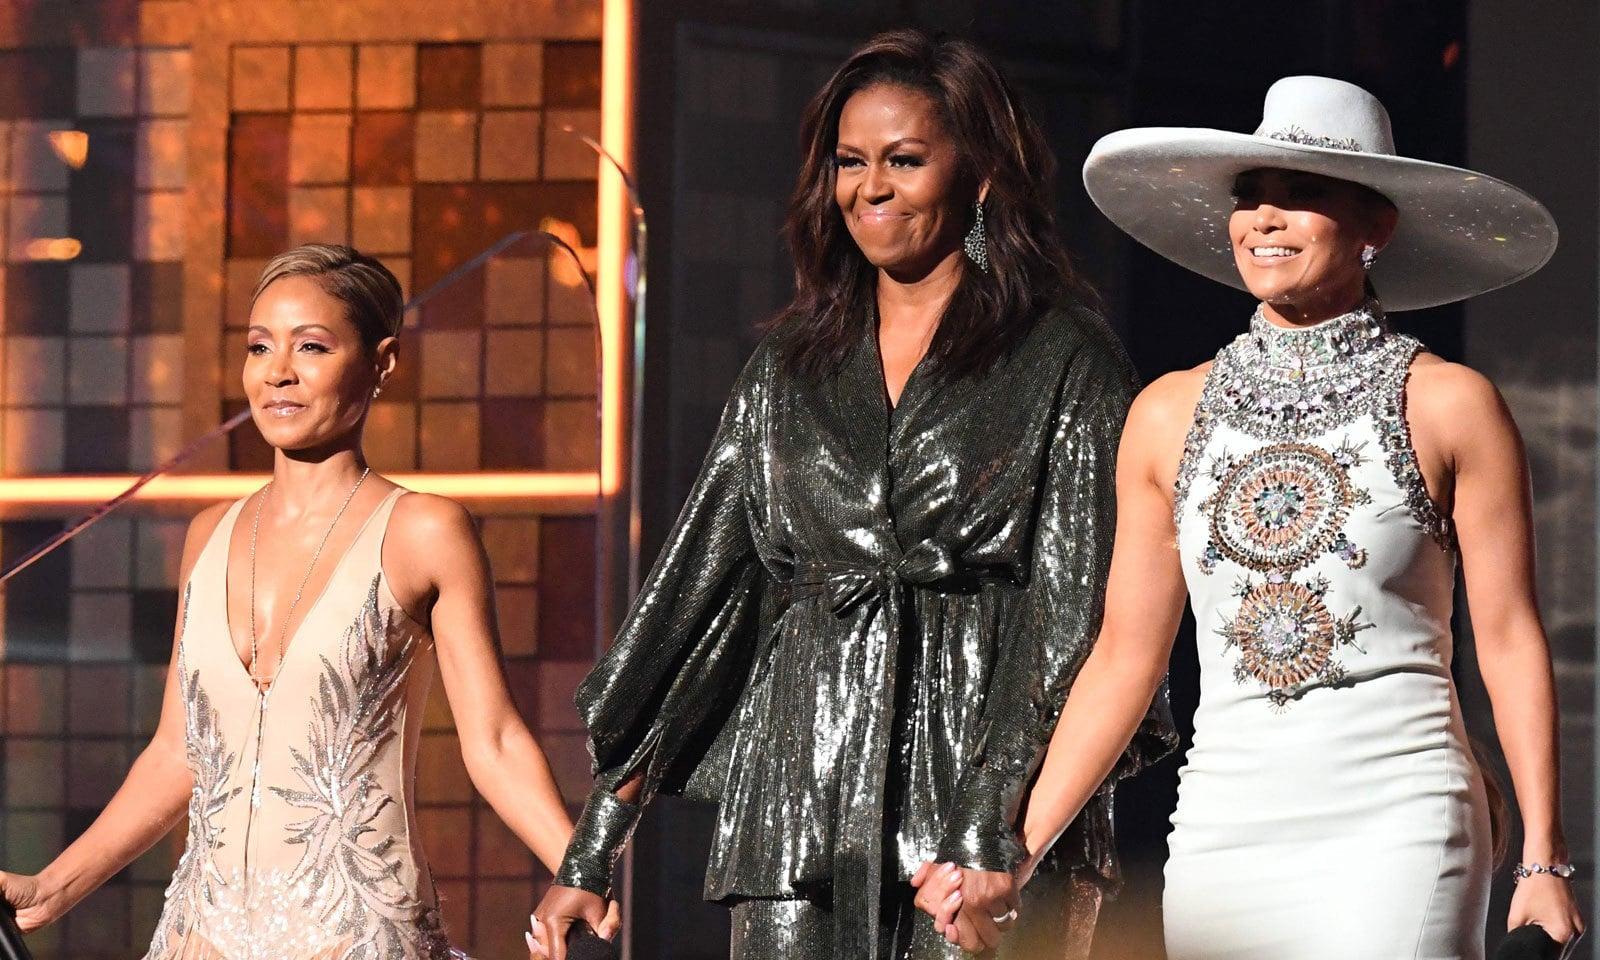 سابق امریکی صدر براک اوباما کی اہلیہ مشعل اوباما نے بھی تقریب  میں شرکت کی — فوٹو: اے ایف پی